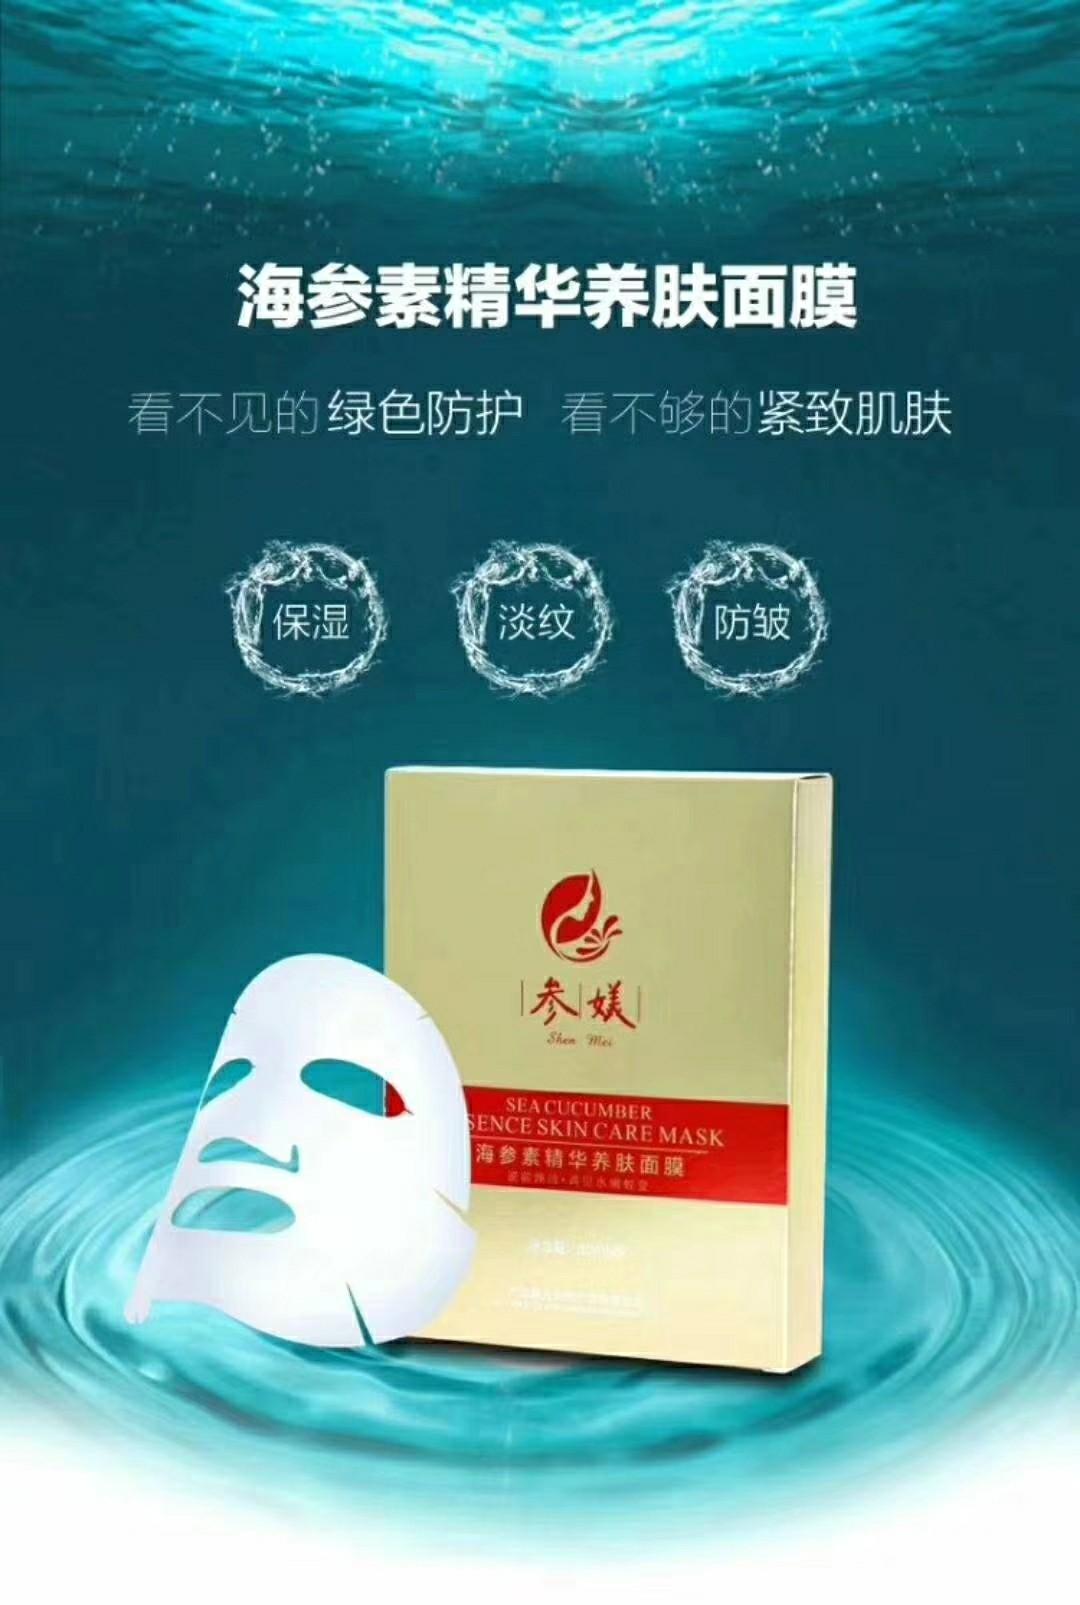 安徽泰安海参肽面膜厂家直销-江苏高性价海参肽面膜品牌